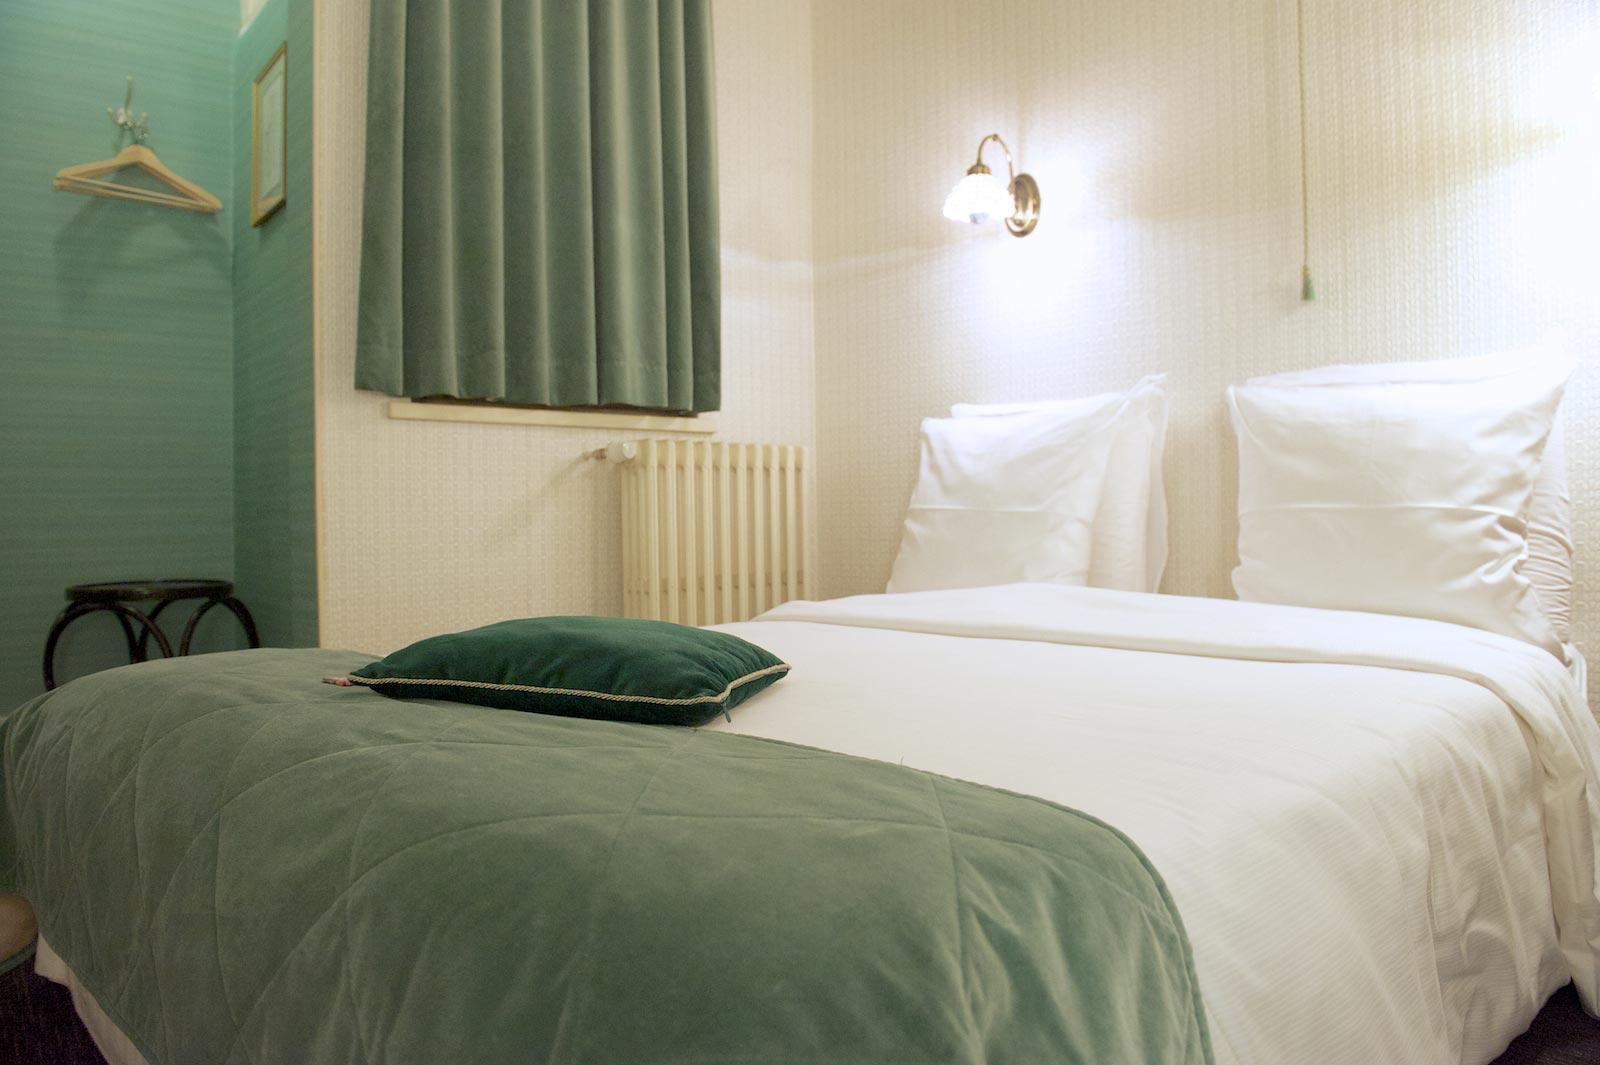 hotel-le-berger-rooms-standard-elodie-03-03.jpg